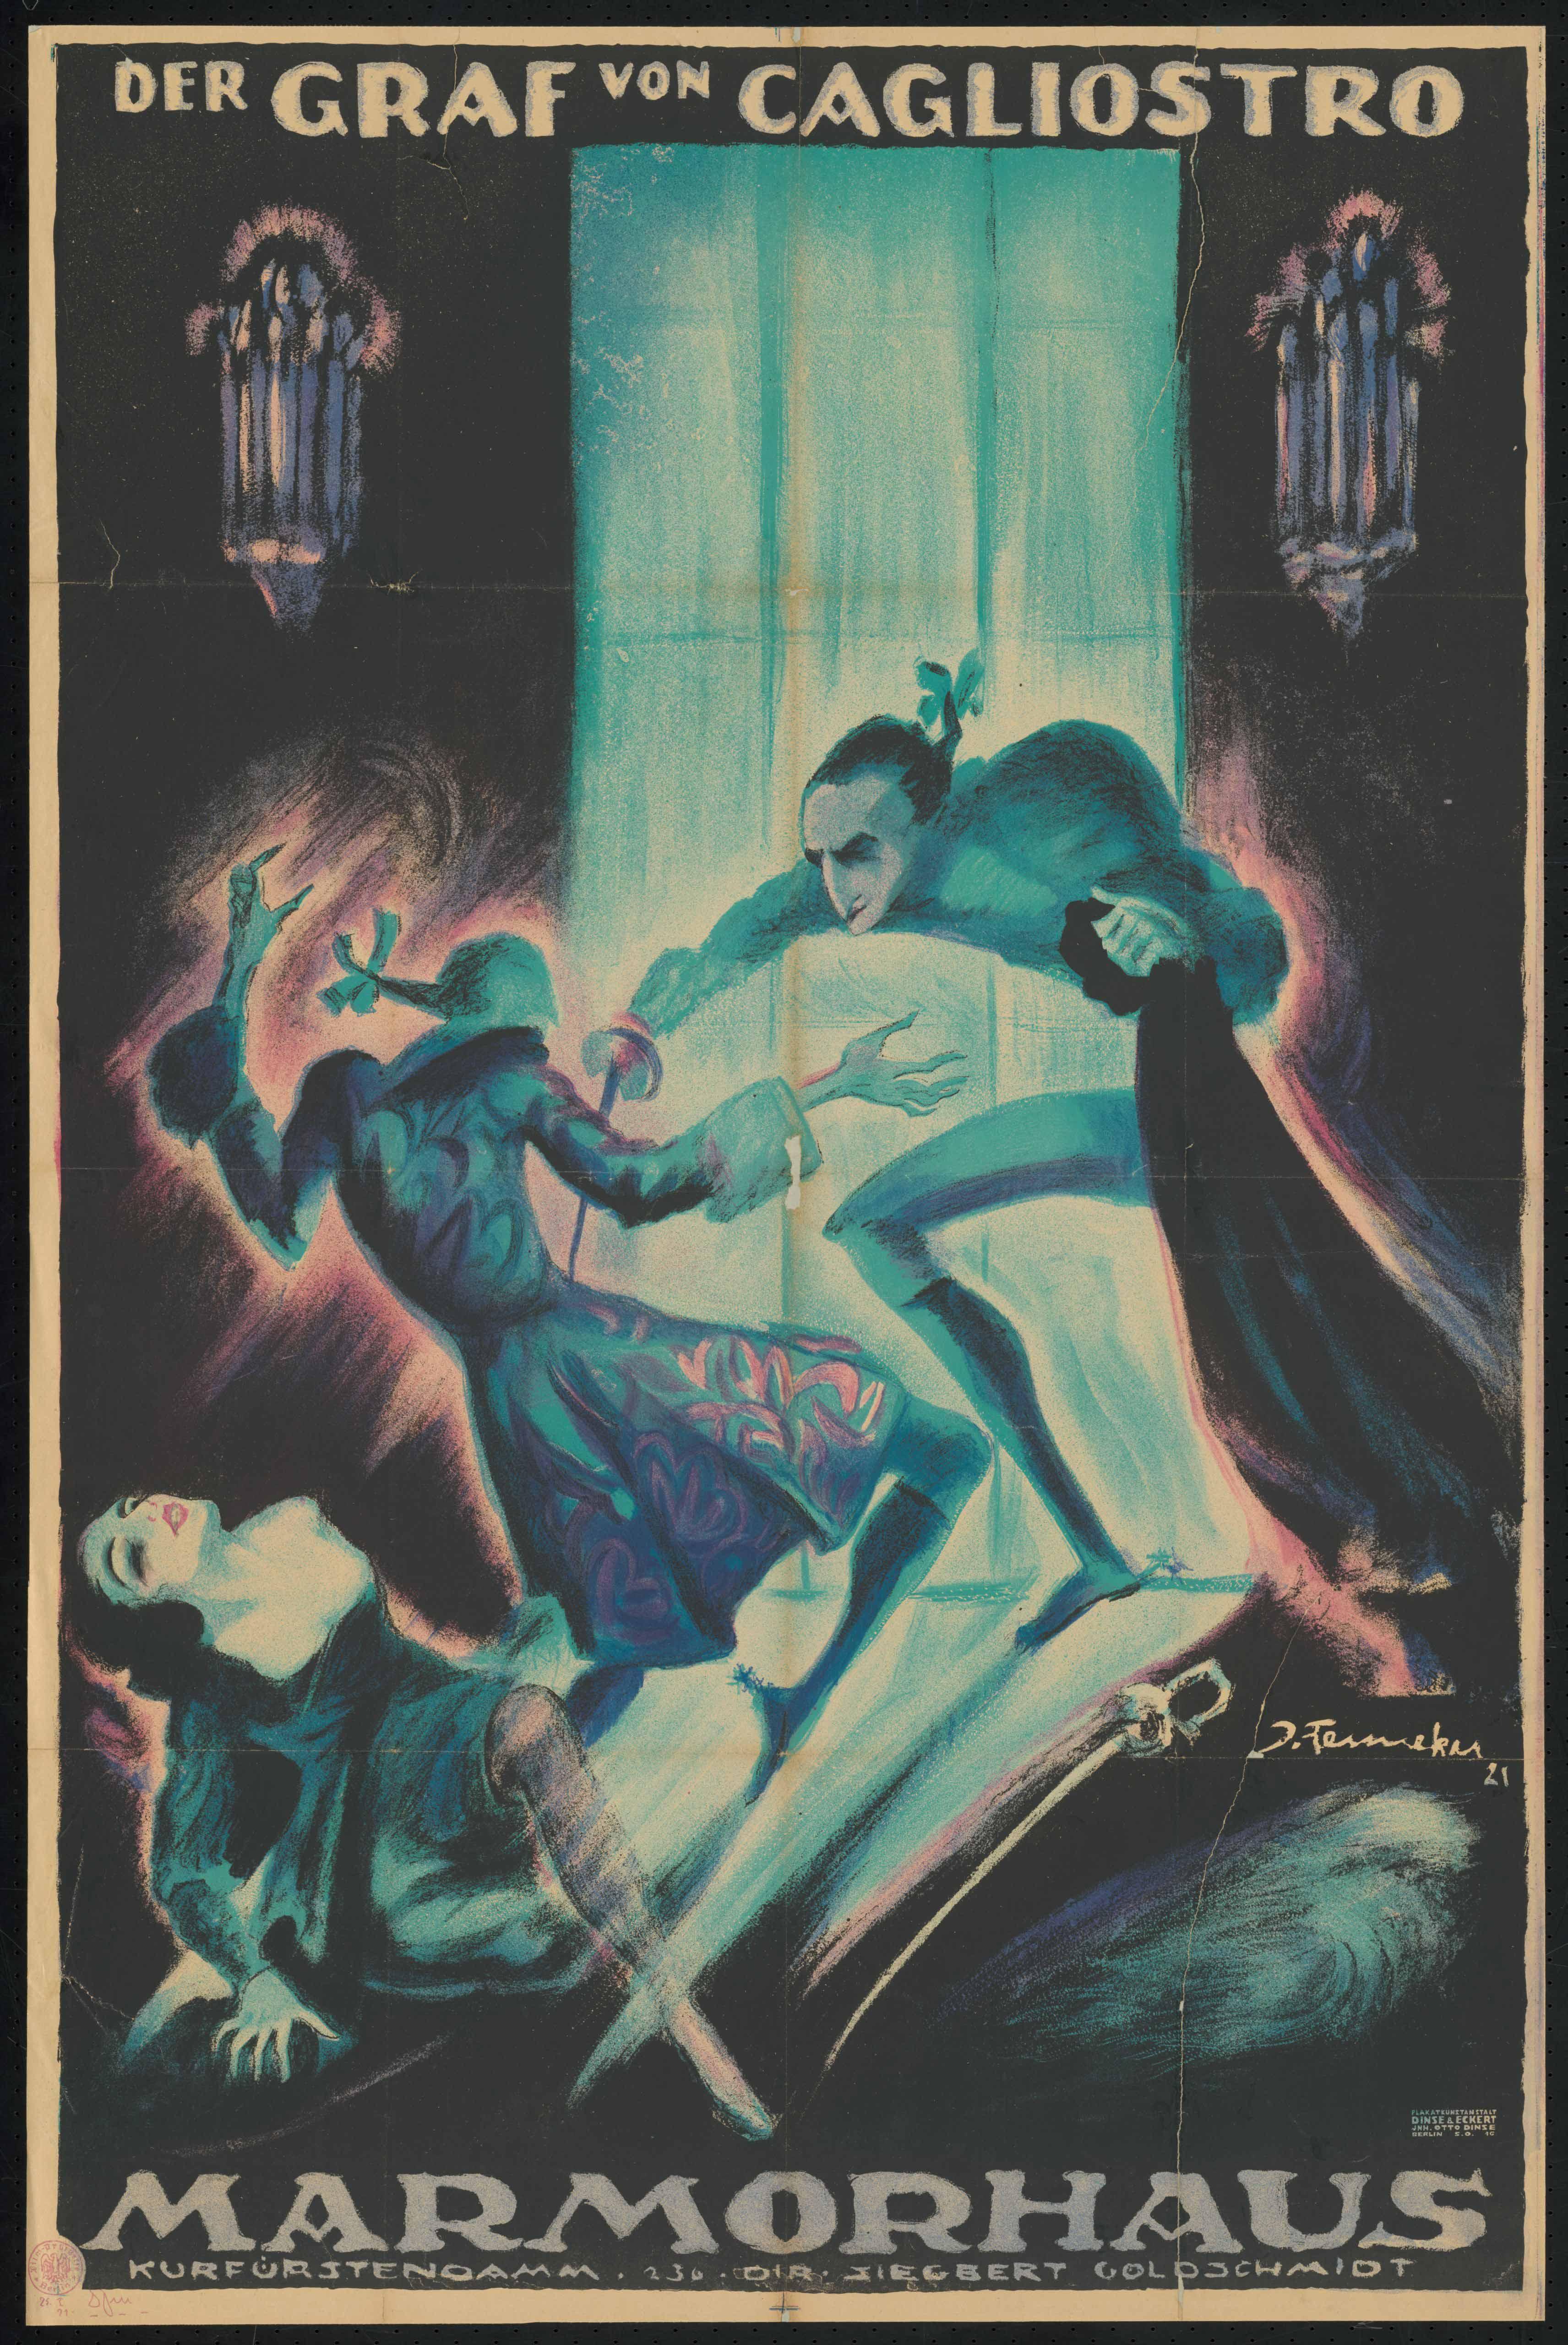 Plakat zu dem Film Der Graf von Cagliostro, Deutschland 1919, Regie: Reinhold Schünzel, von Plakatkünstler Josef Fenneker